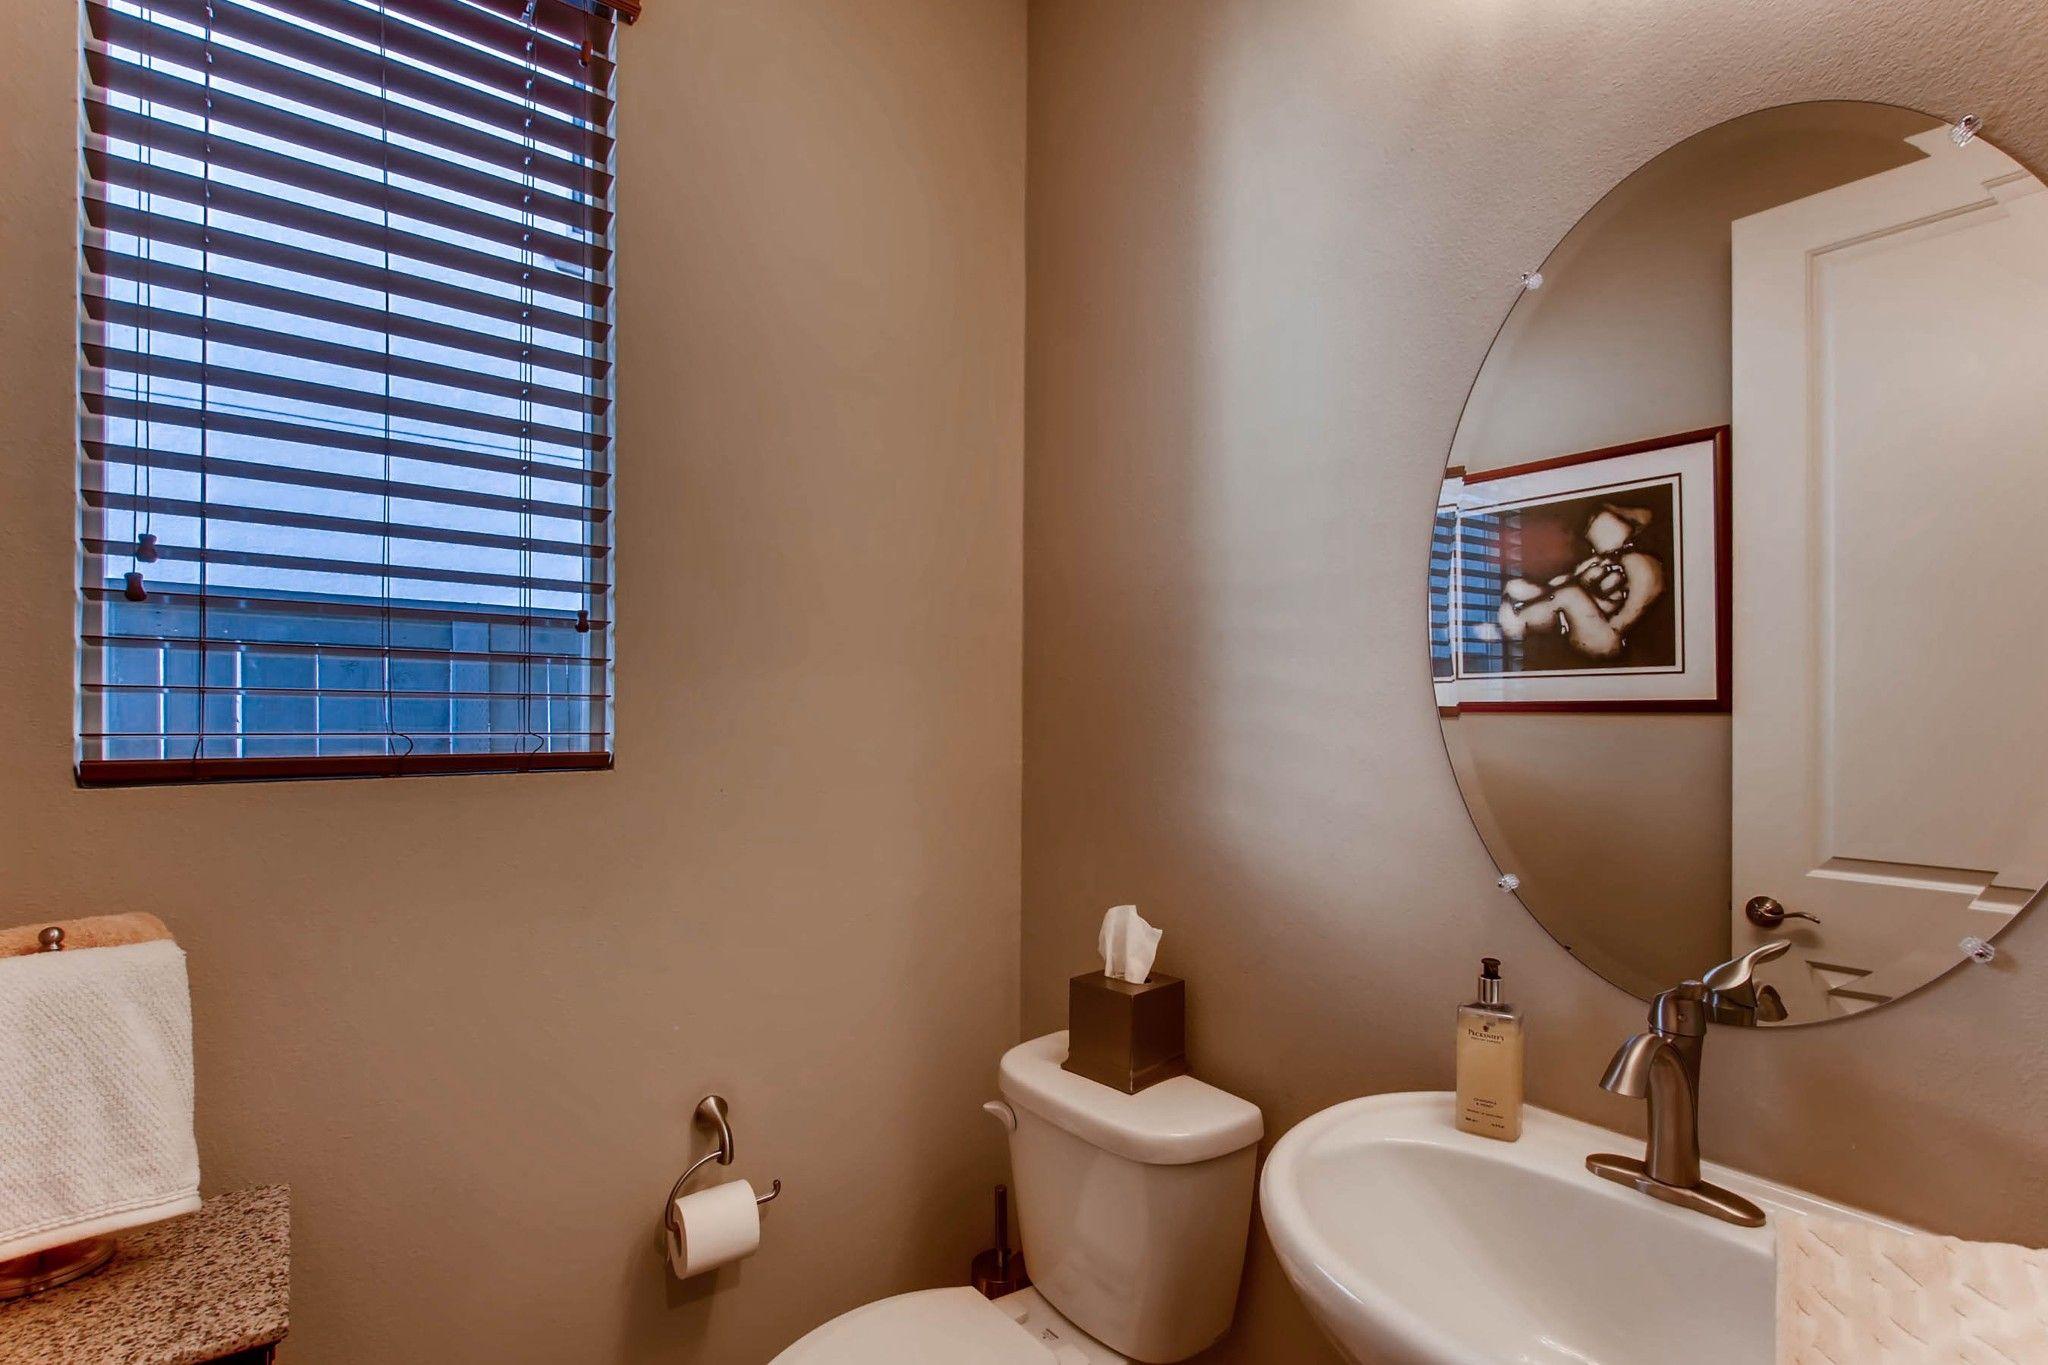 Photo 19: Photos: Residential for sale : 5 bedrooms : 443 Machado Way in Vista